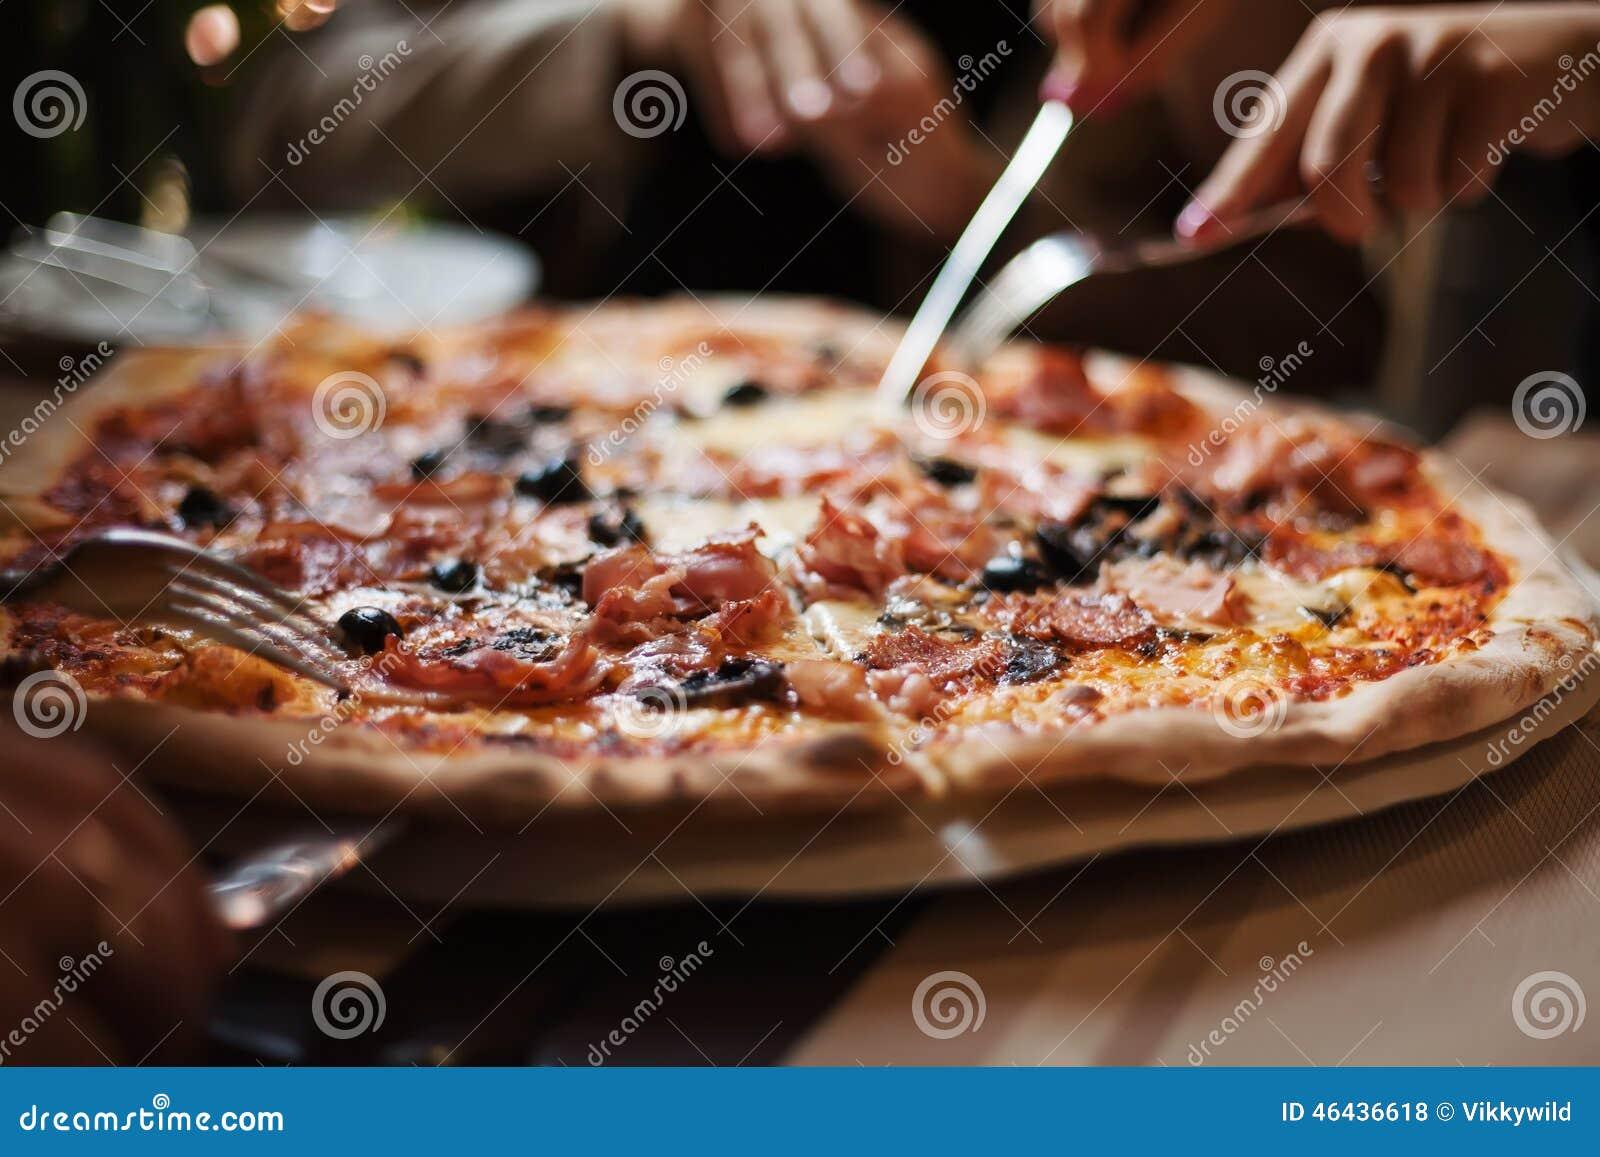 Съешьте пиццу мяса с друзьями